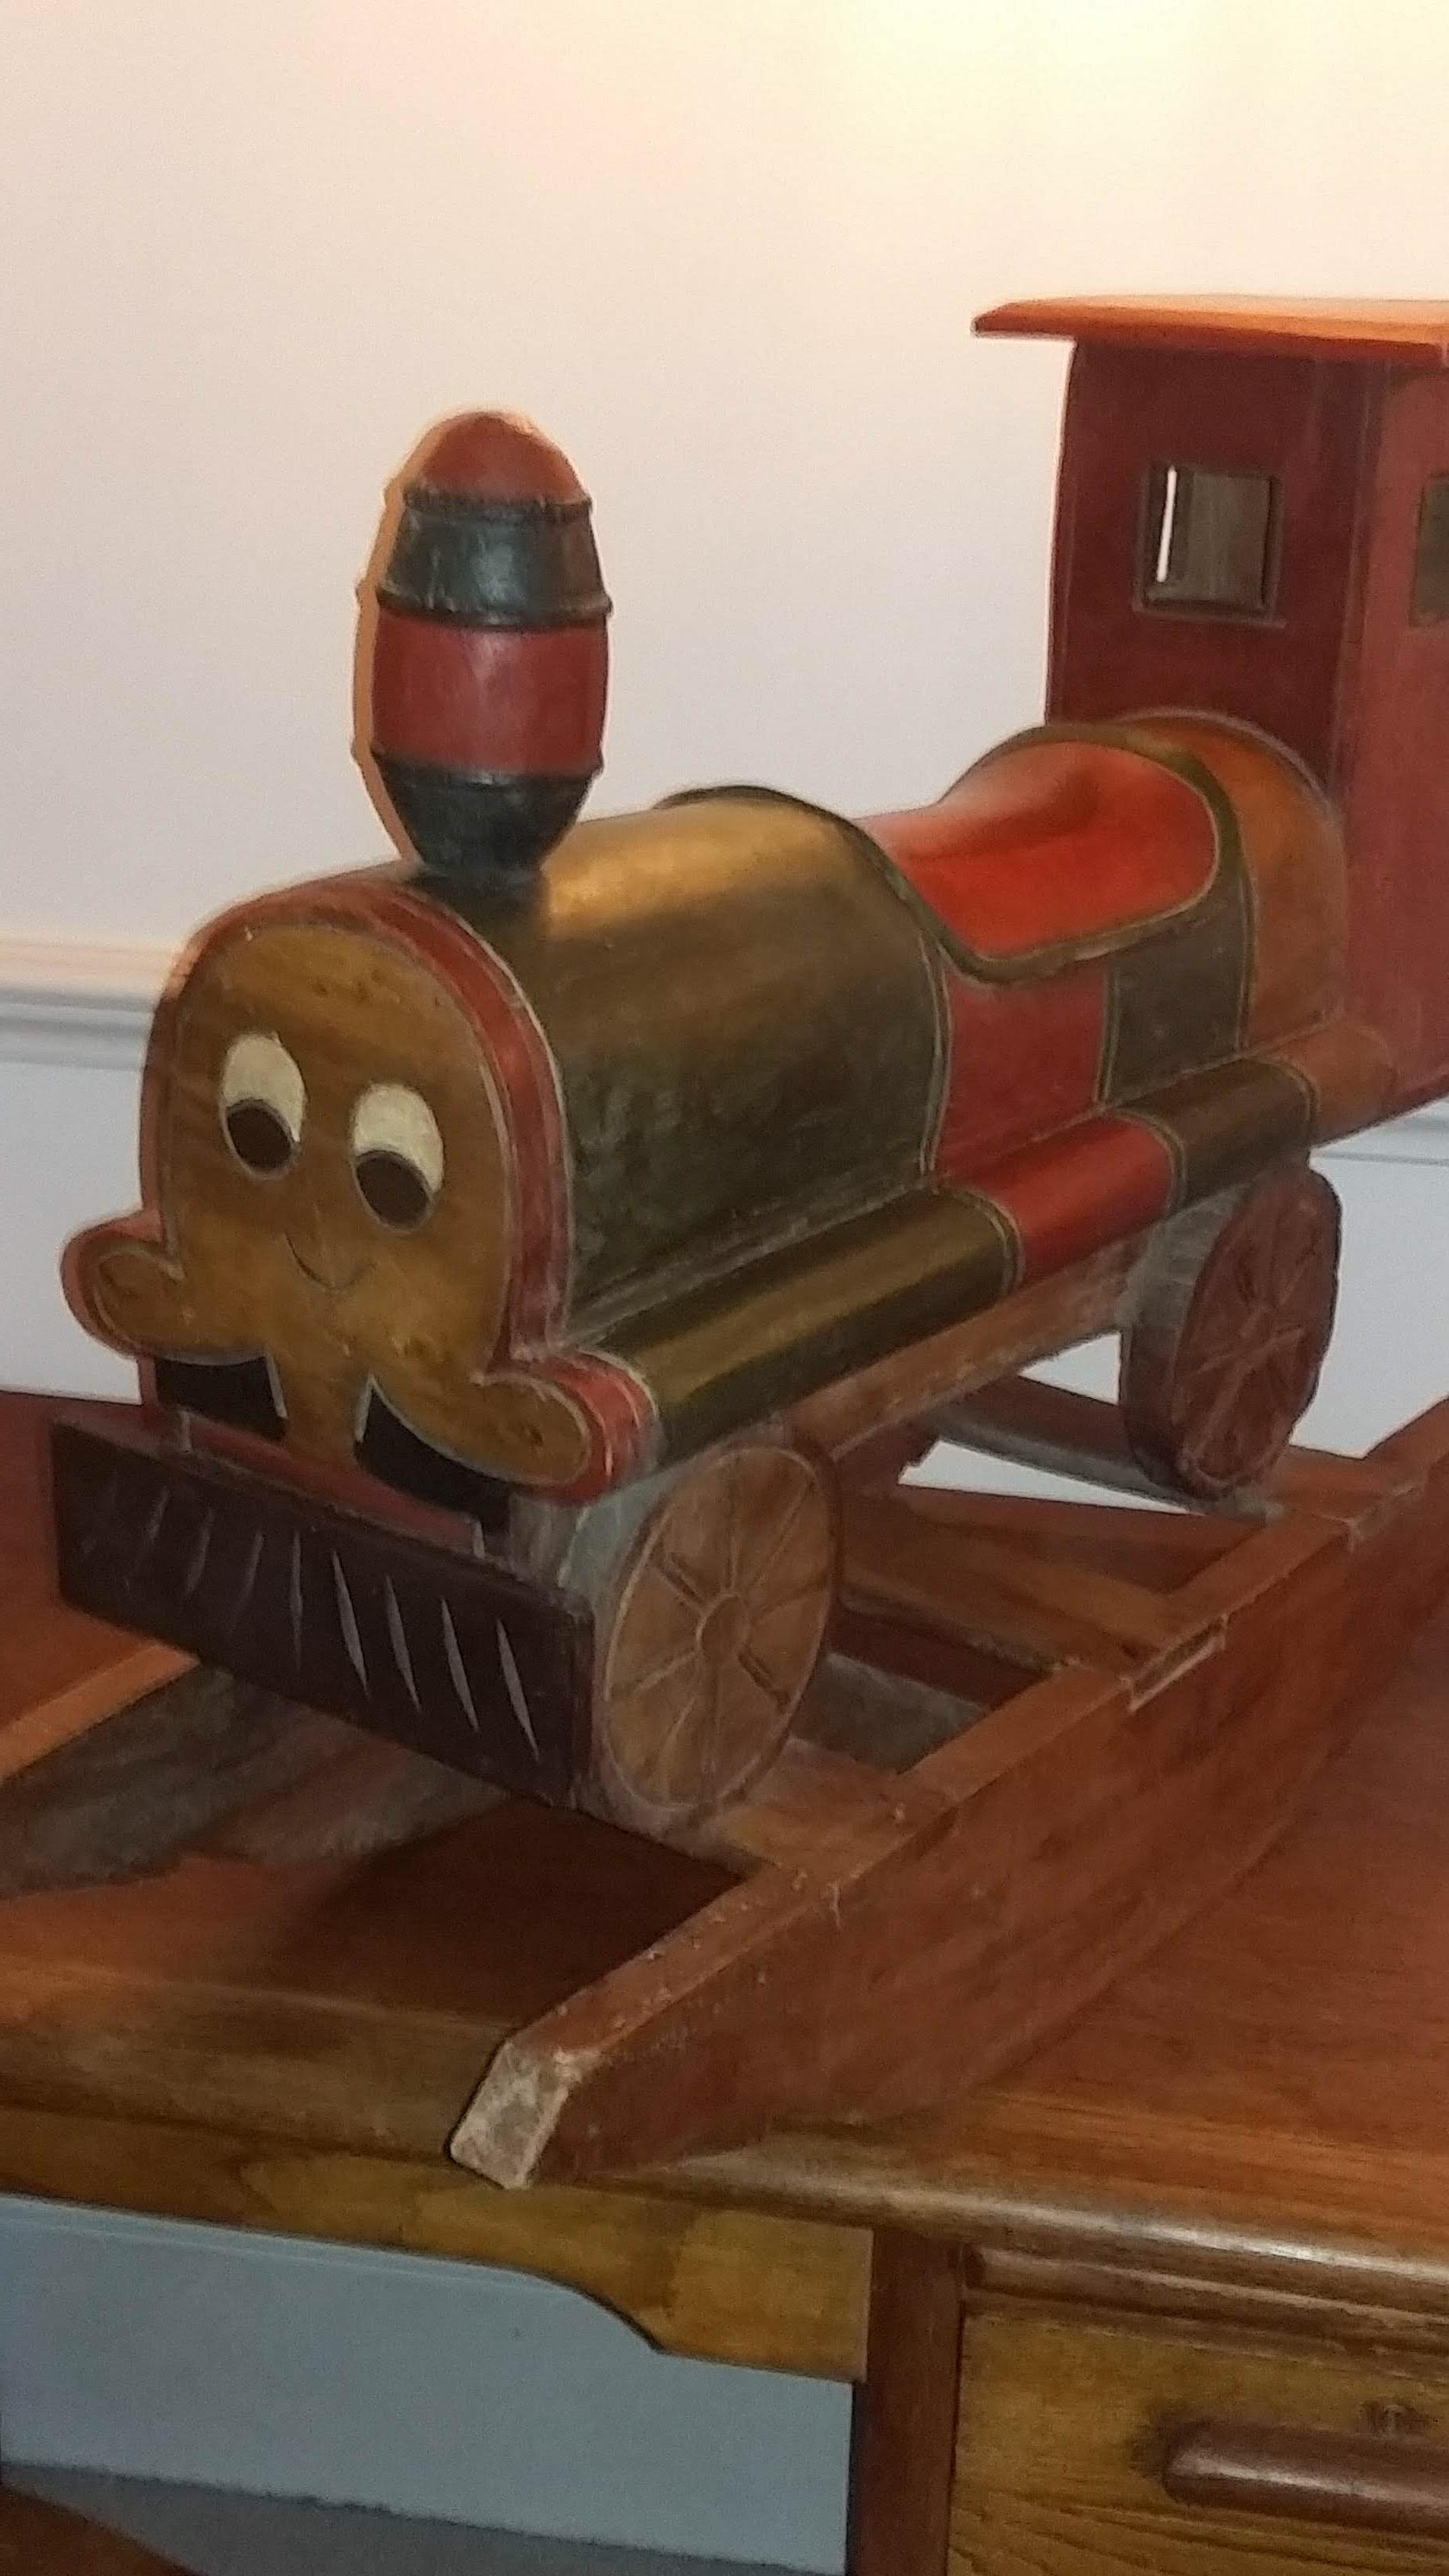 Wooden rocking train